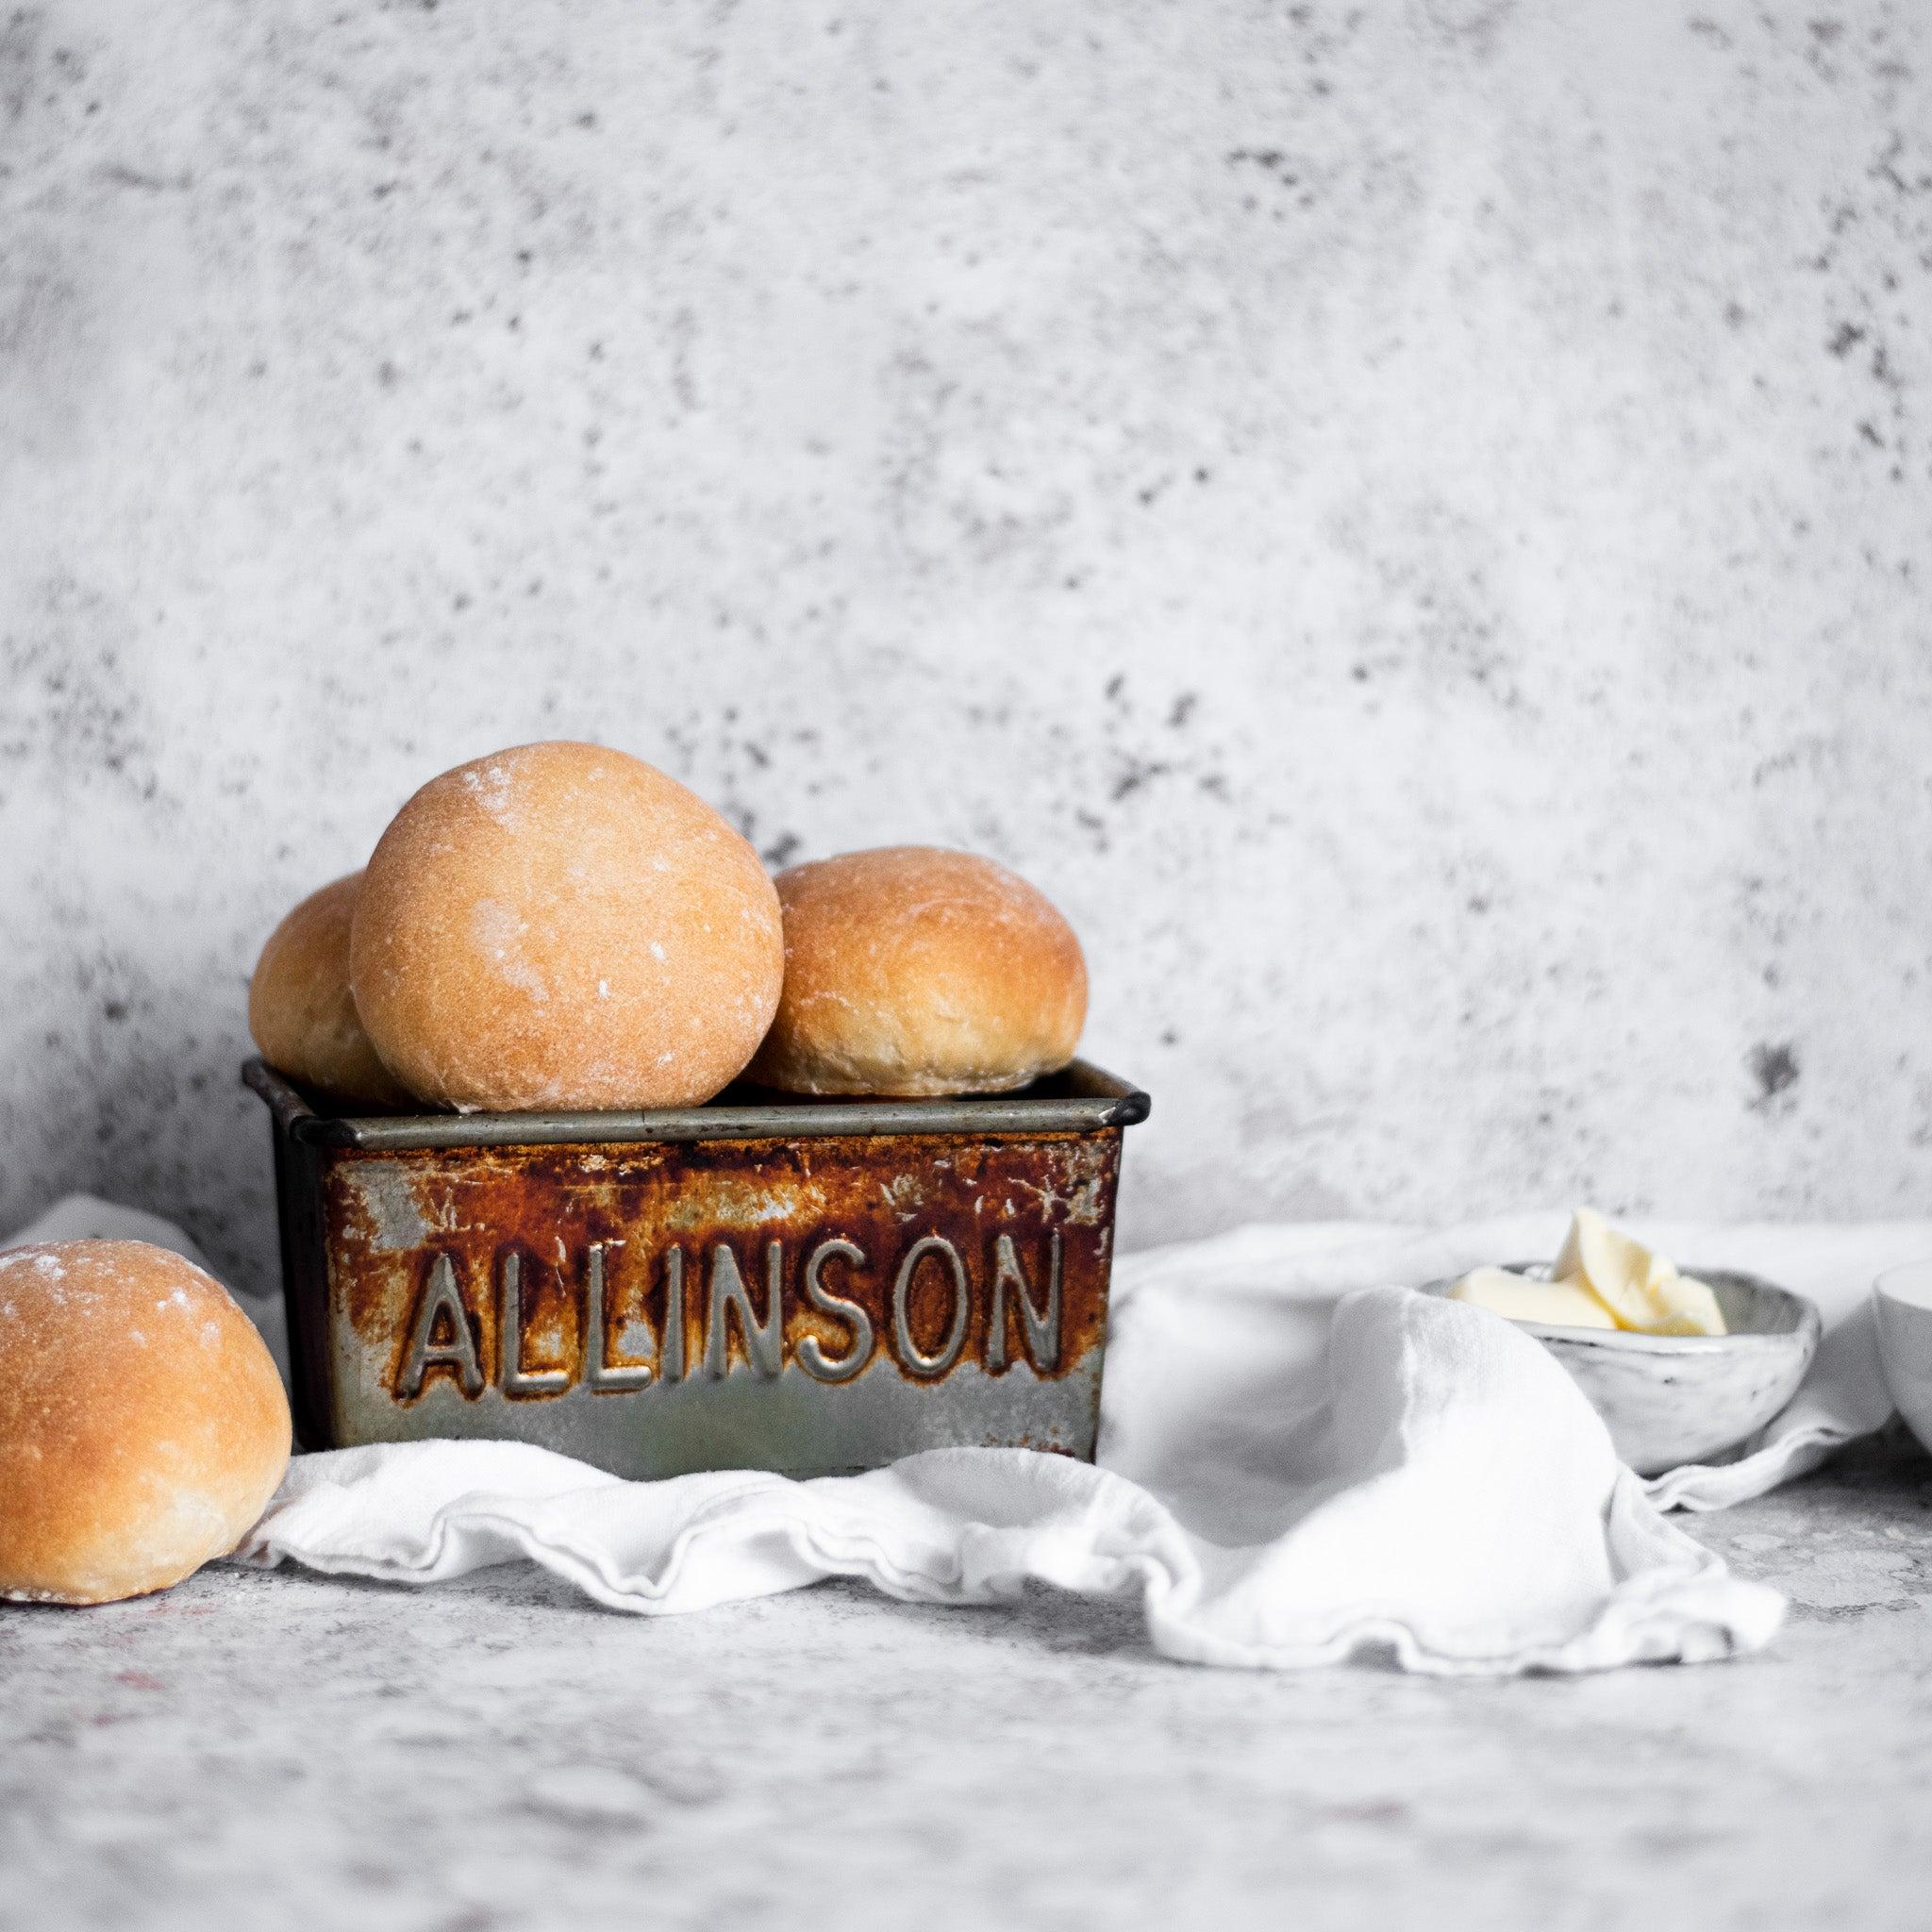 Allinsons-White-Rolls-11-Baking-Mad-11.jpg